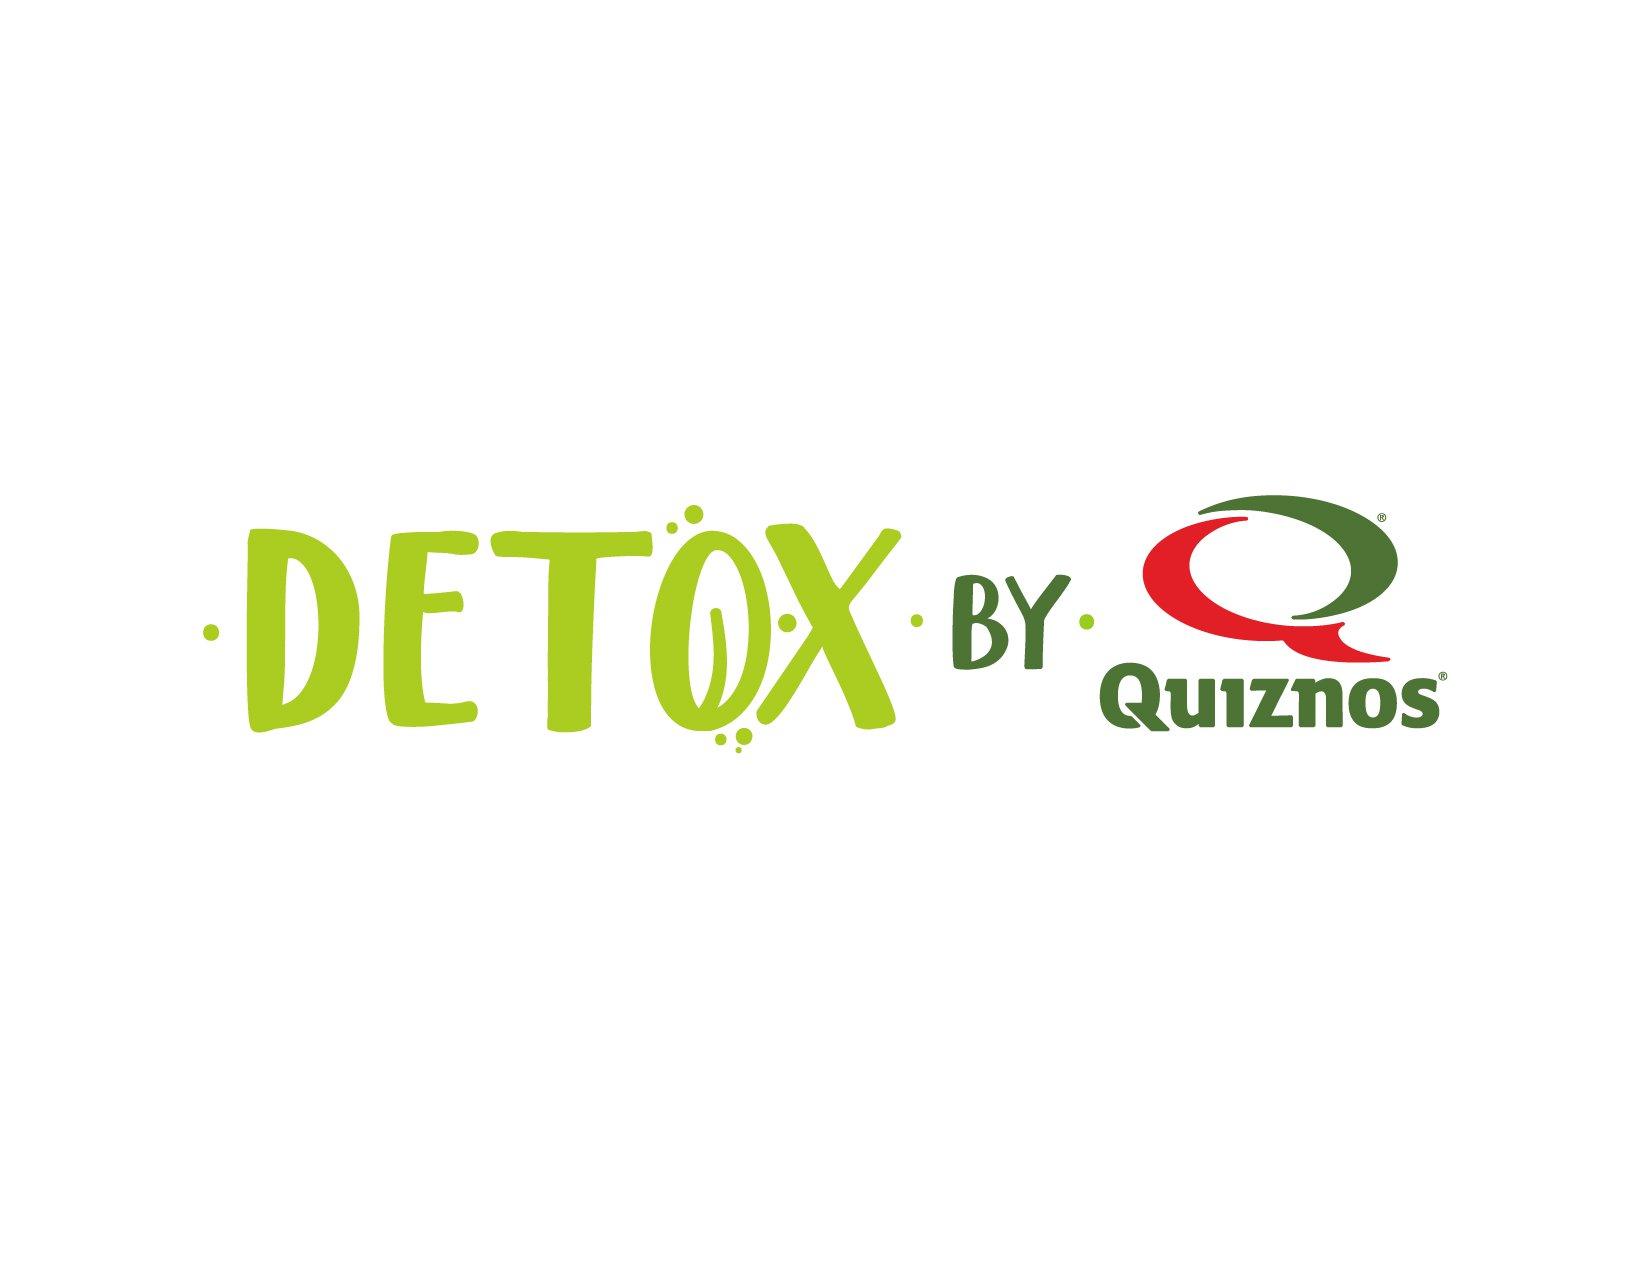 Detox By Quiznos - Colina